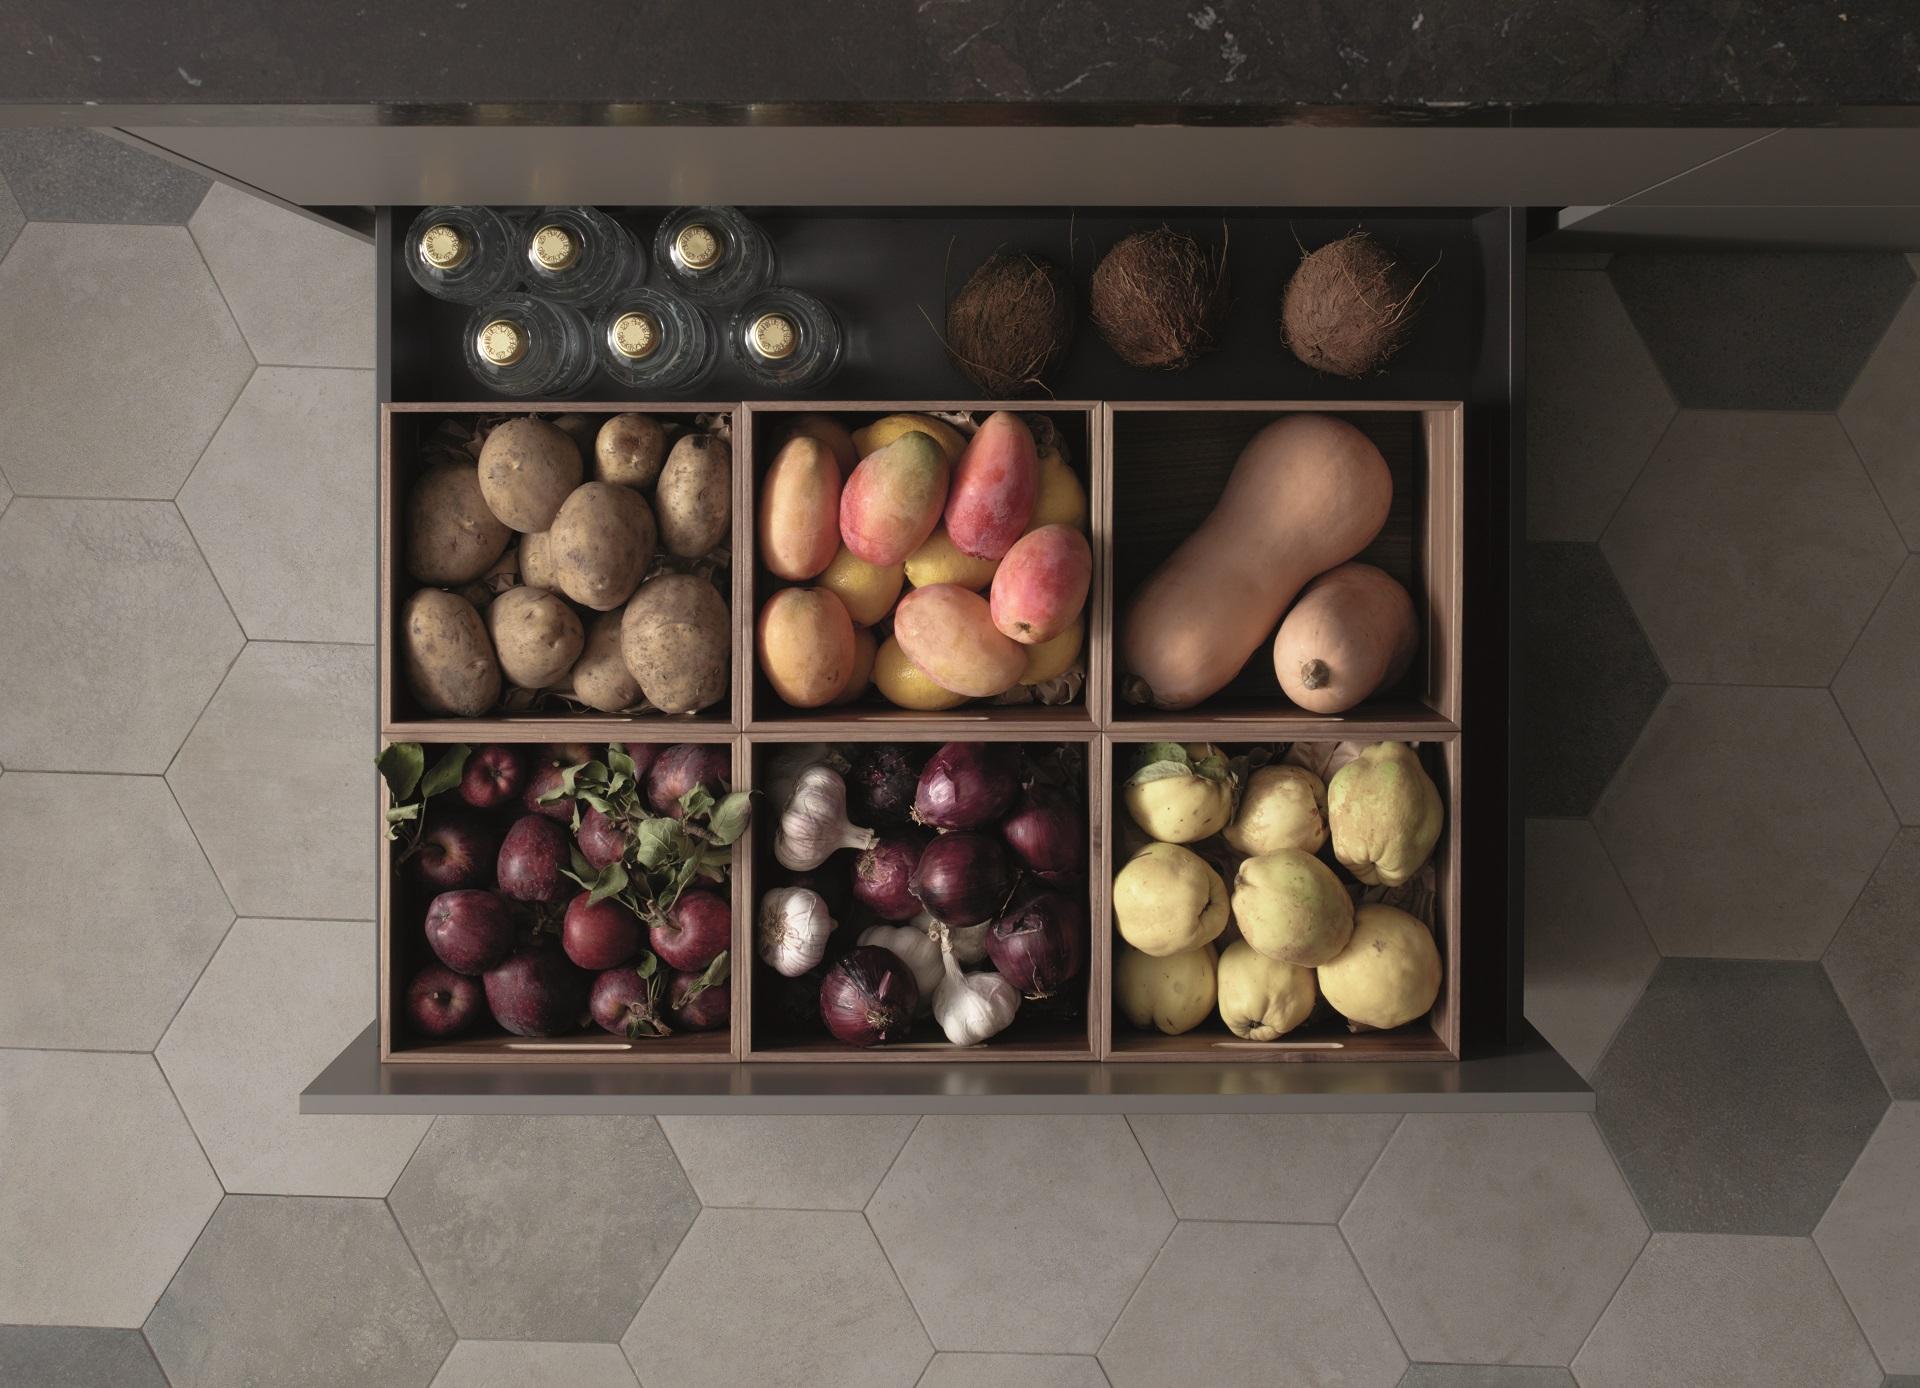 Organizar despensa en cocina pequeña Santiago Interiores